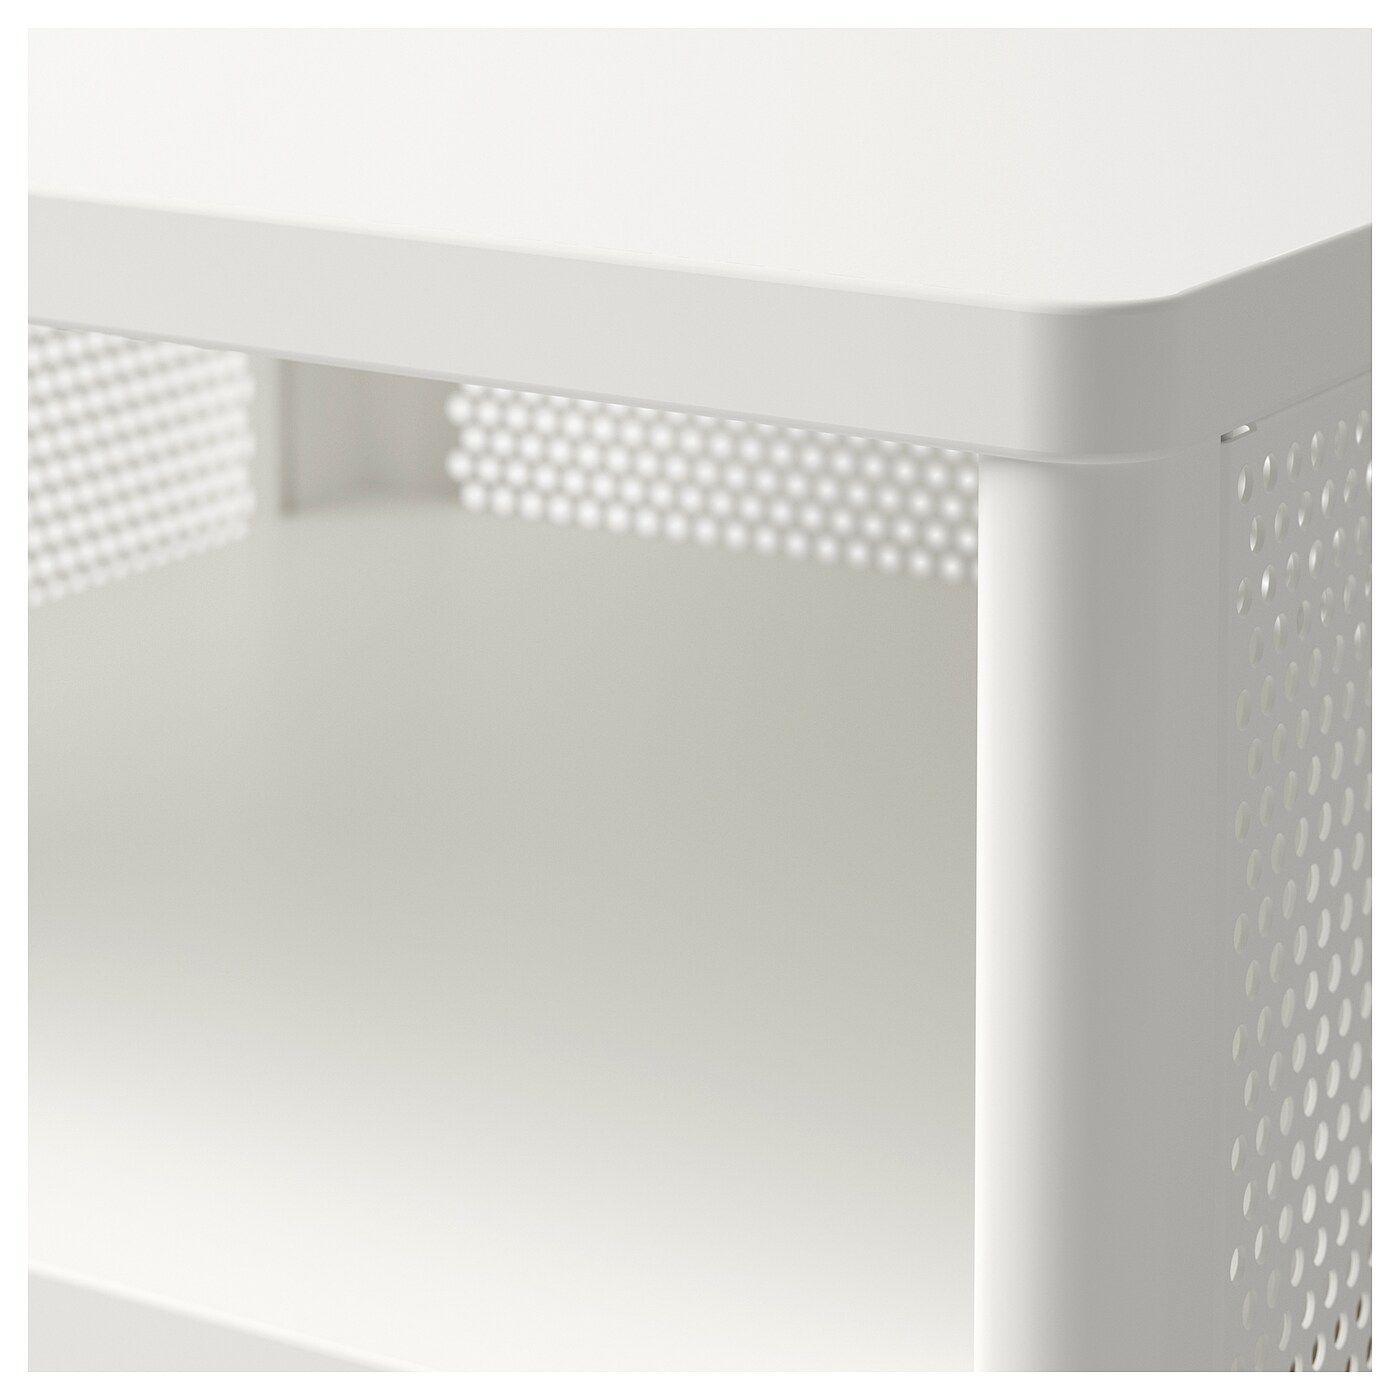 Bekant Aufbewahrungselement Mit Rollen Netz Weiss Ikea Aufbewahrung Aufbewahrung Und Schubladenelement